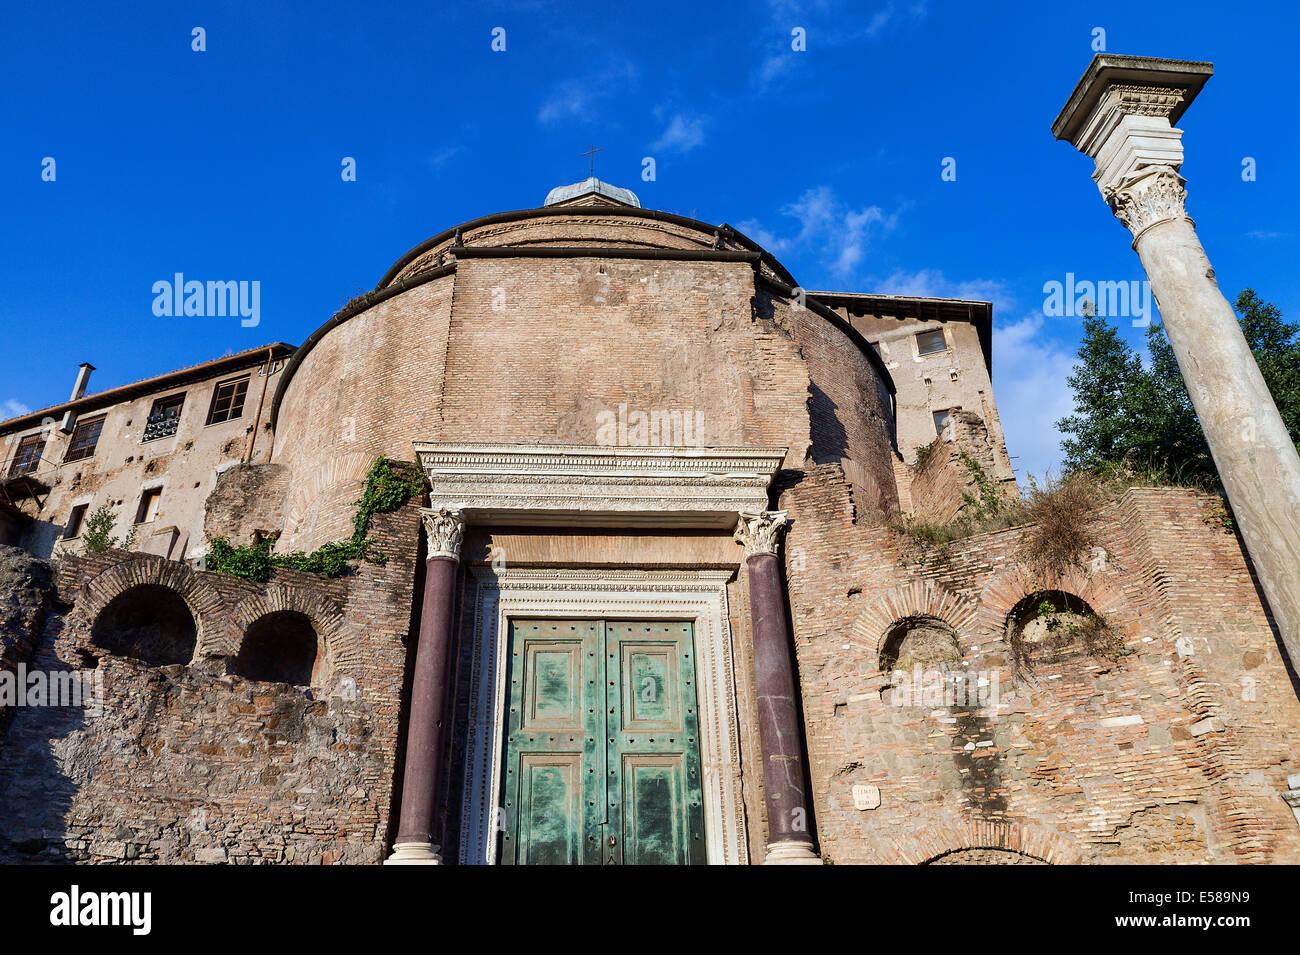 Santi Cosma e Damiano church located in  in the Roman Forum, Rome, Italy - Stock Image